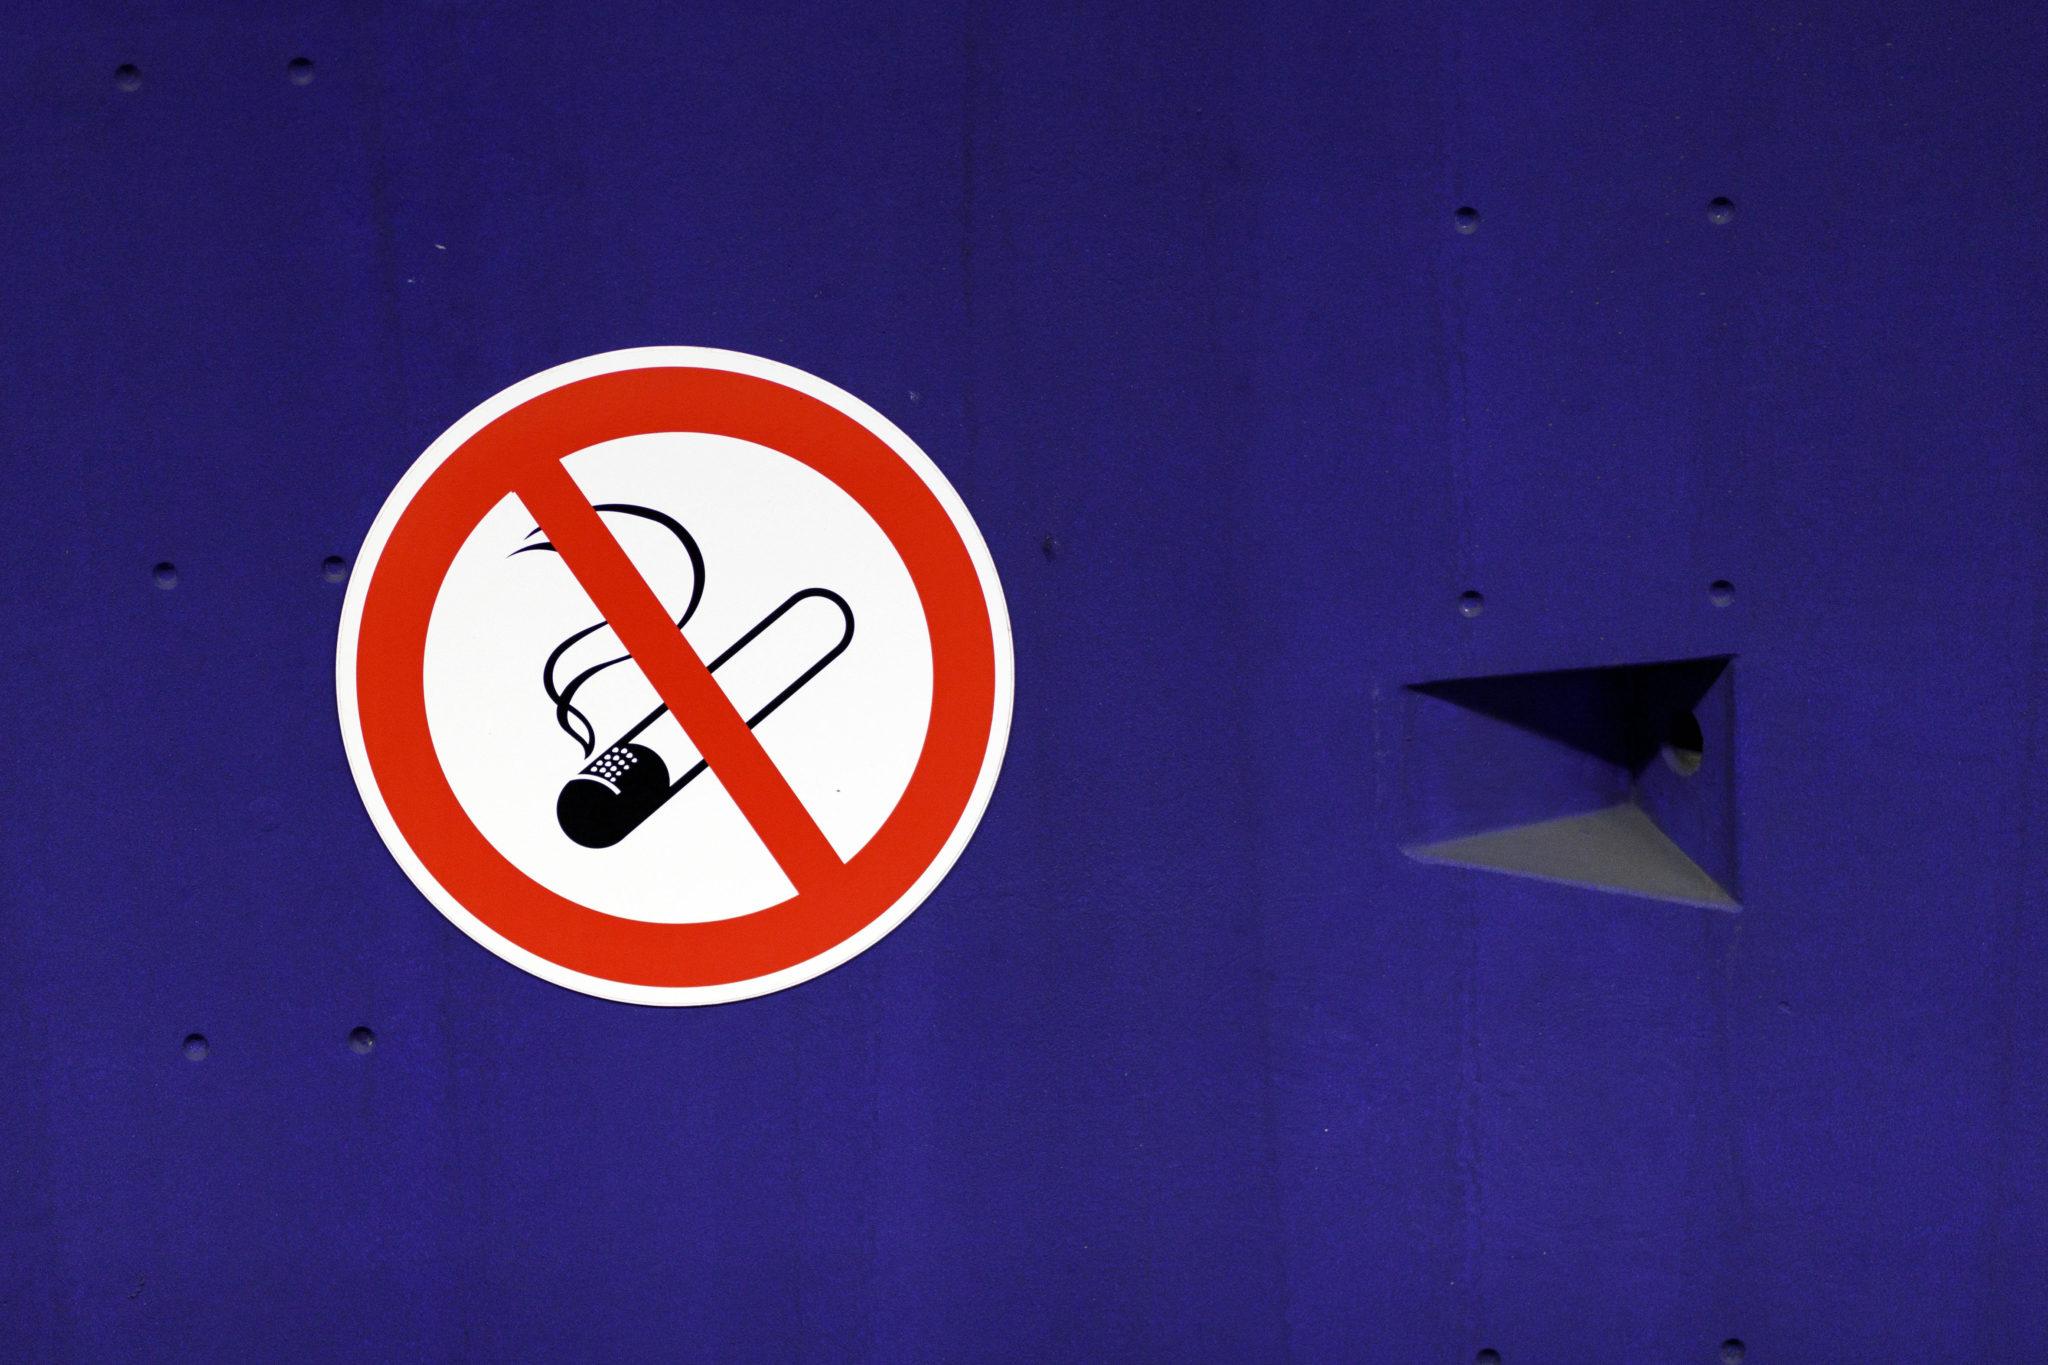 A sign indicating no smoking at a subway stop in Cologne, Germany.